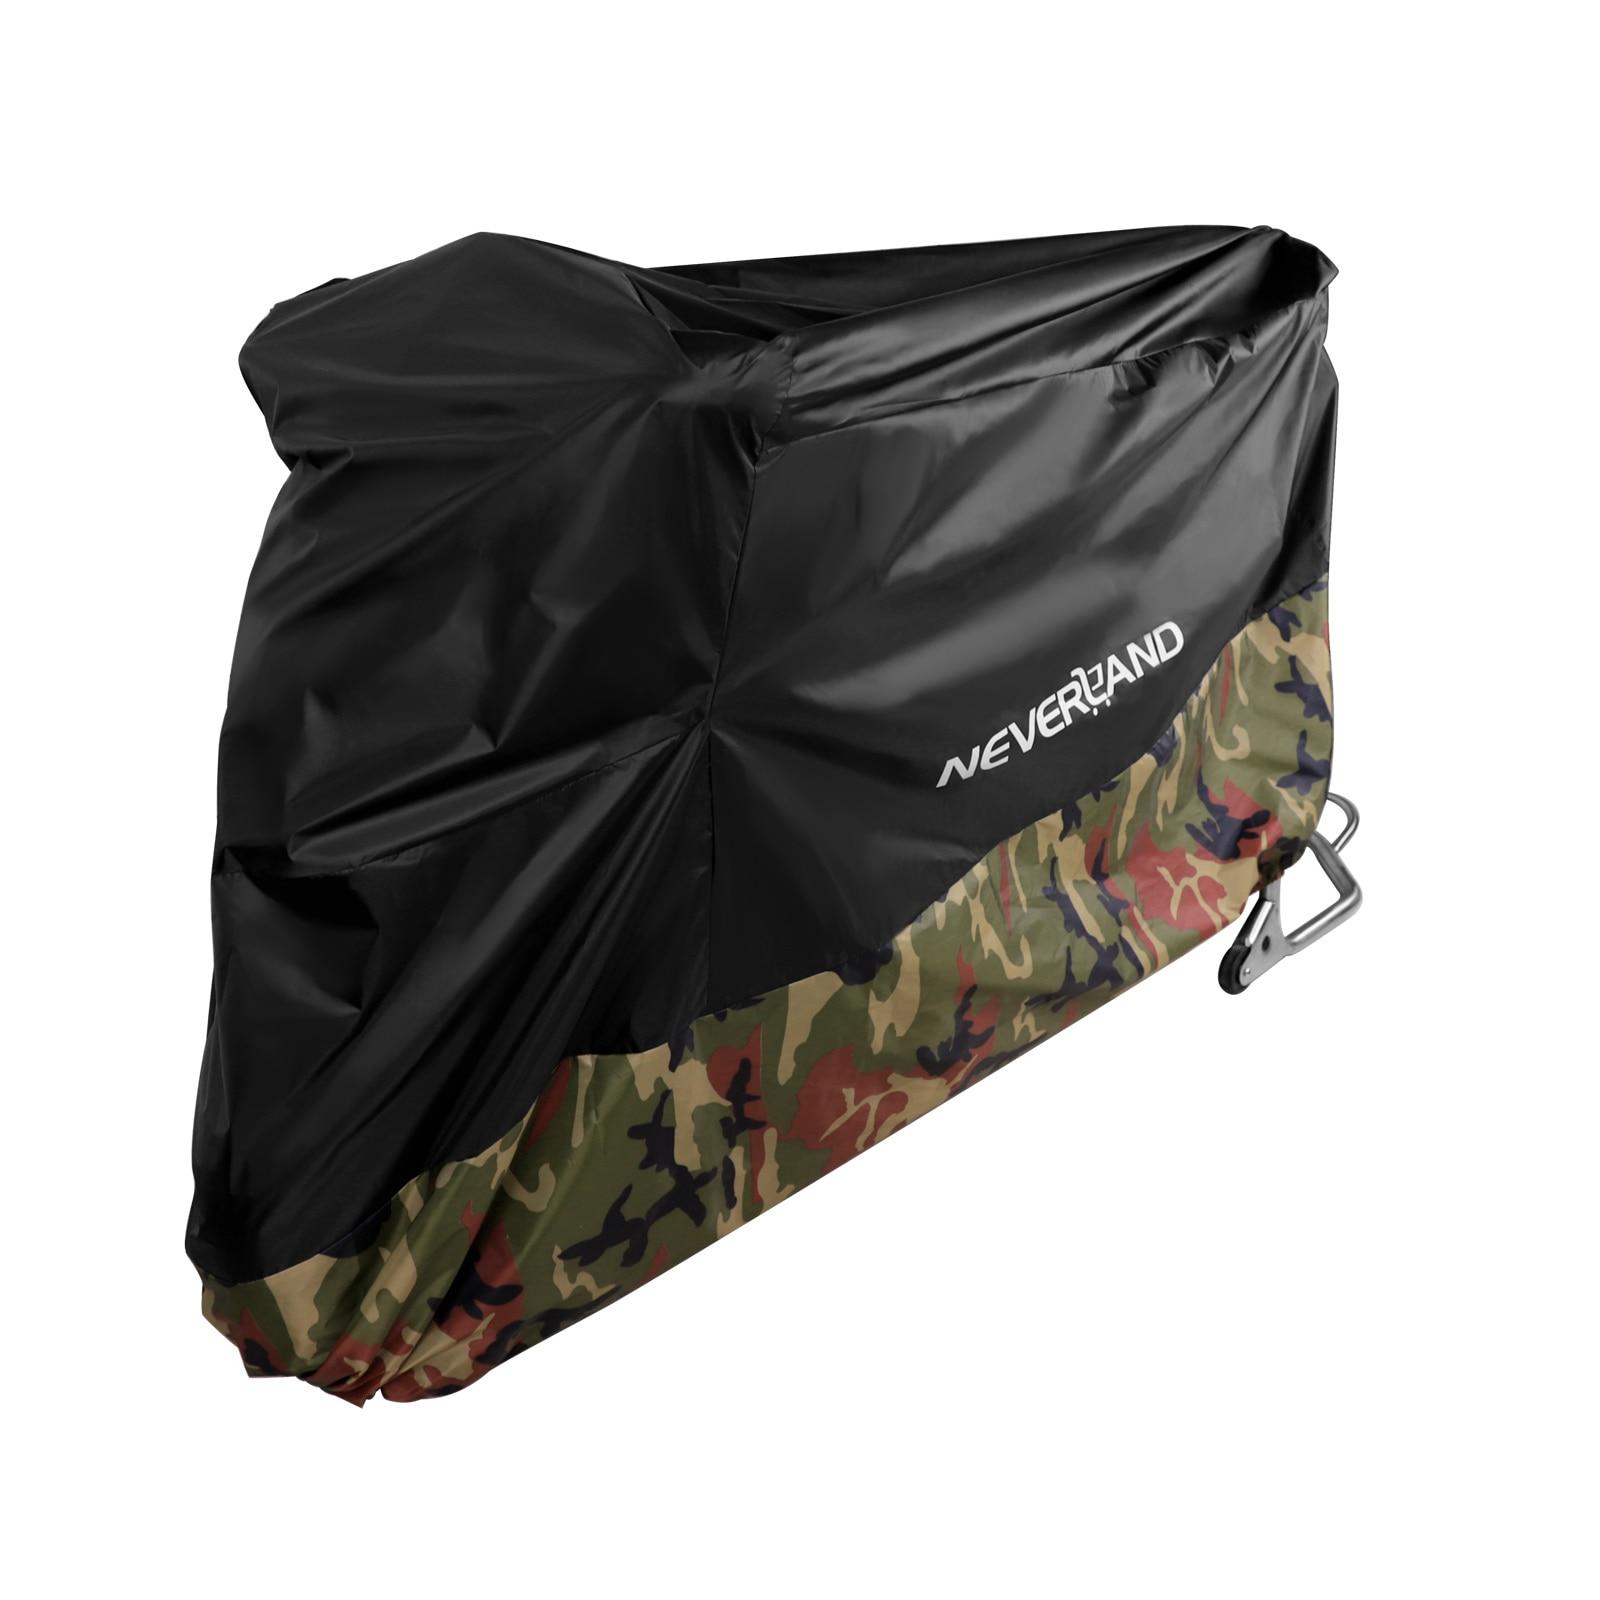 190T Waterproof Rain Dust UV Outdoor Indoor Protector Motorcycle Cover Coat For Motorcycles Scooter Bike M L XL XXL XXXL